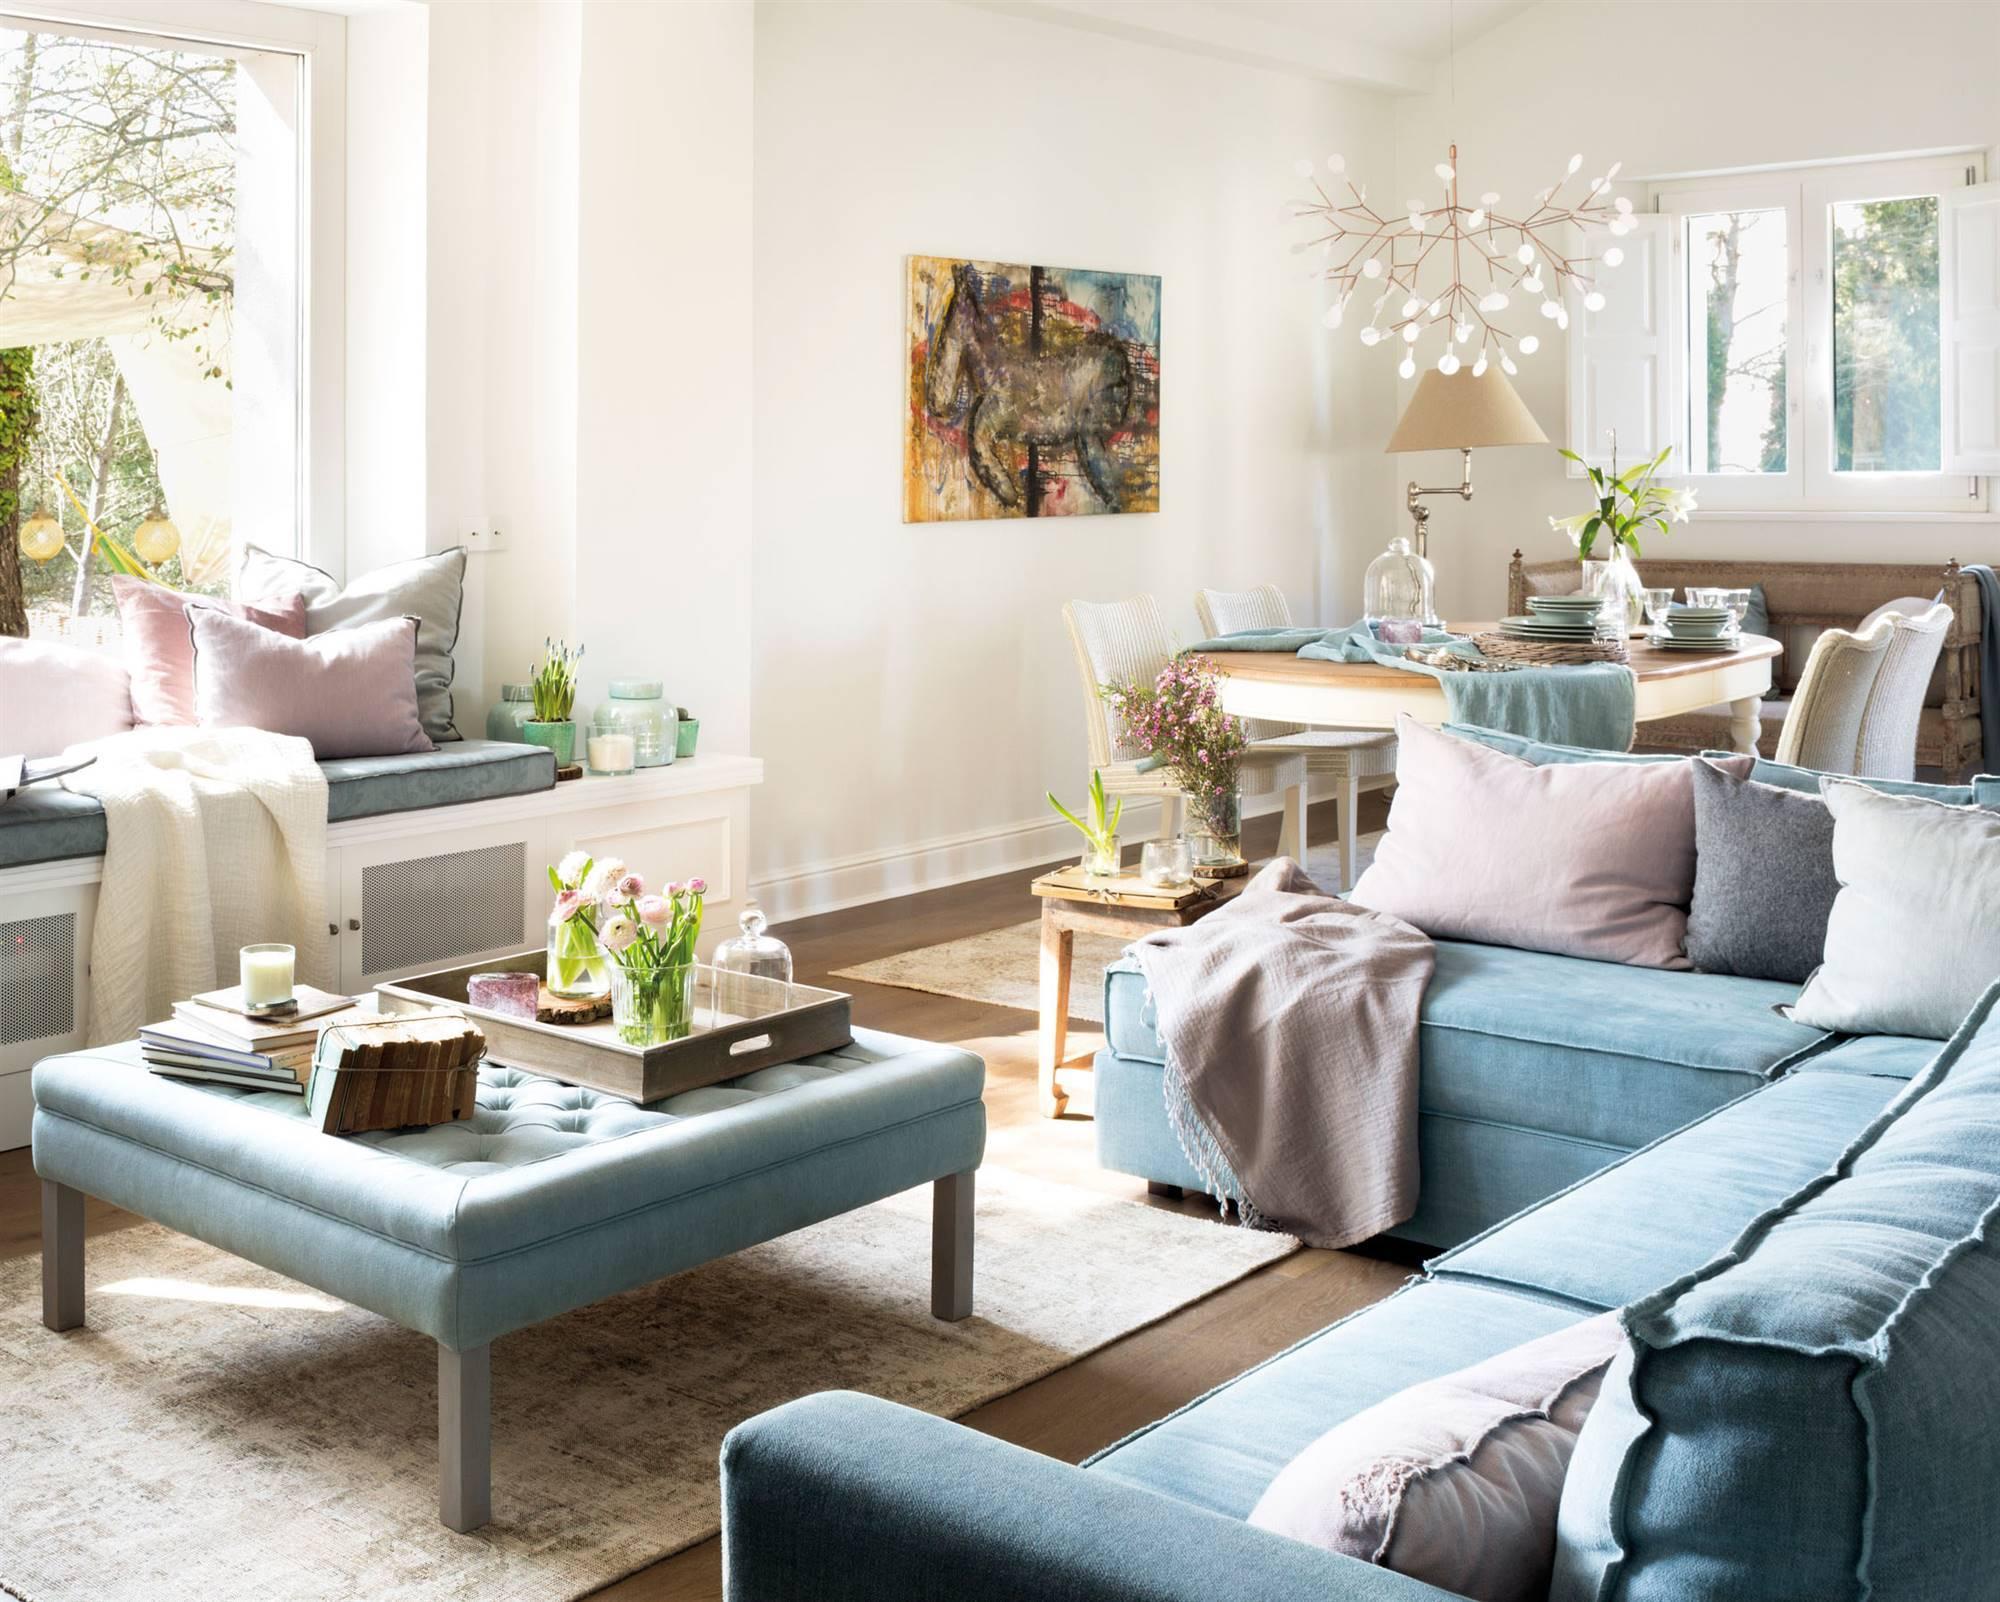 Mesas de centro ideas para decorarlas - Mesas para el sofa ...